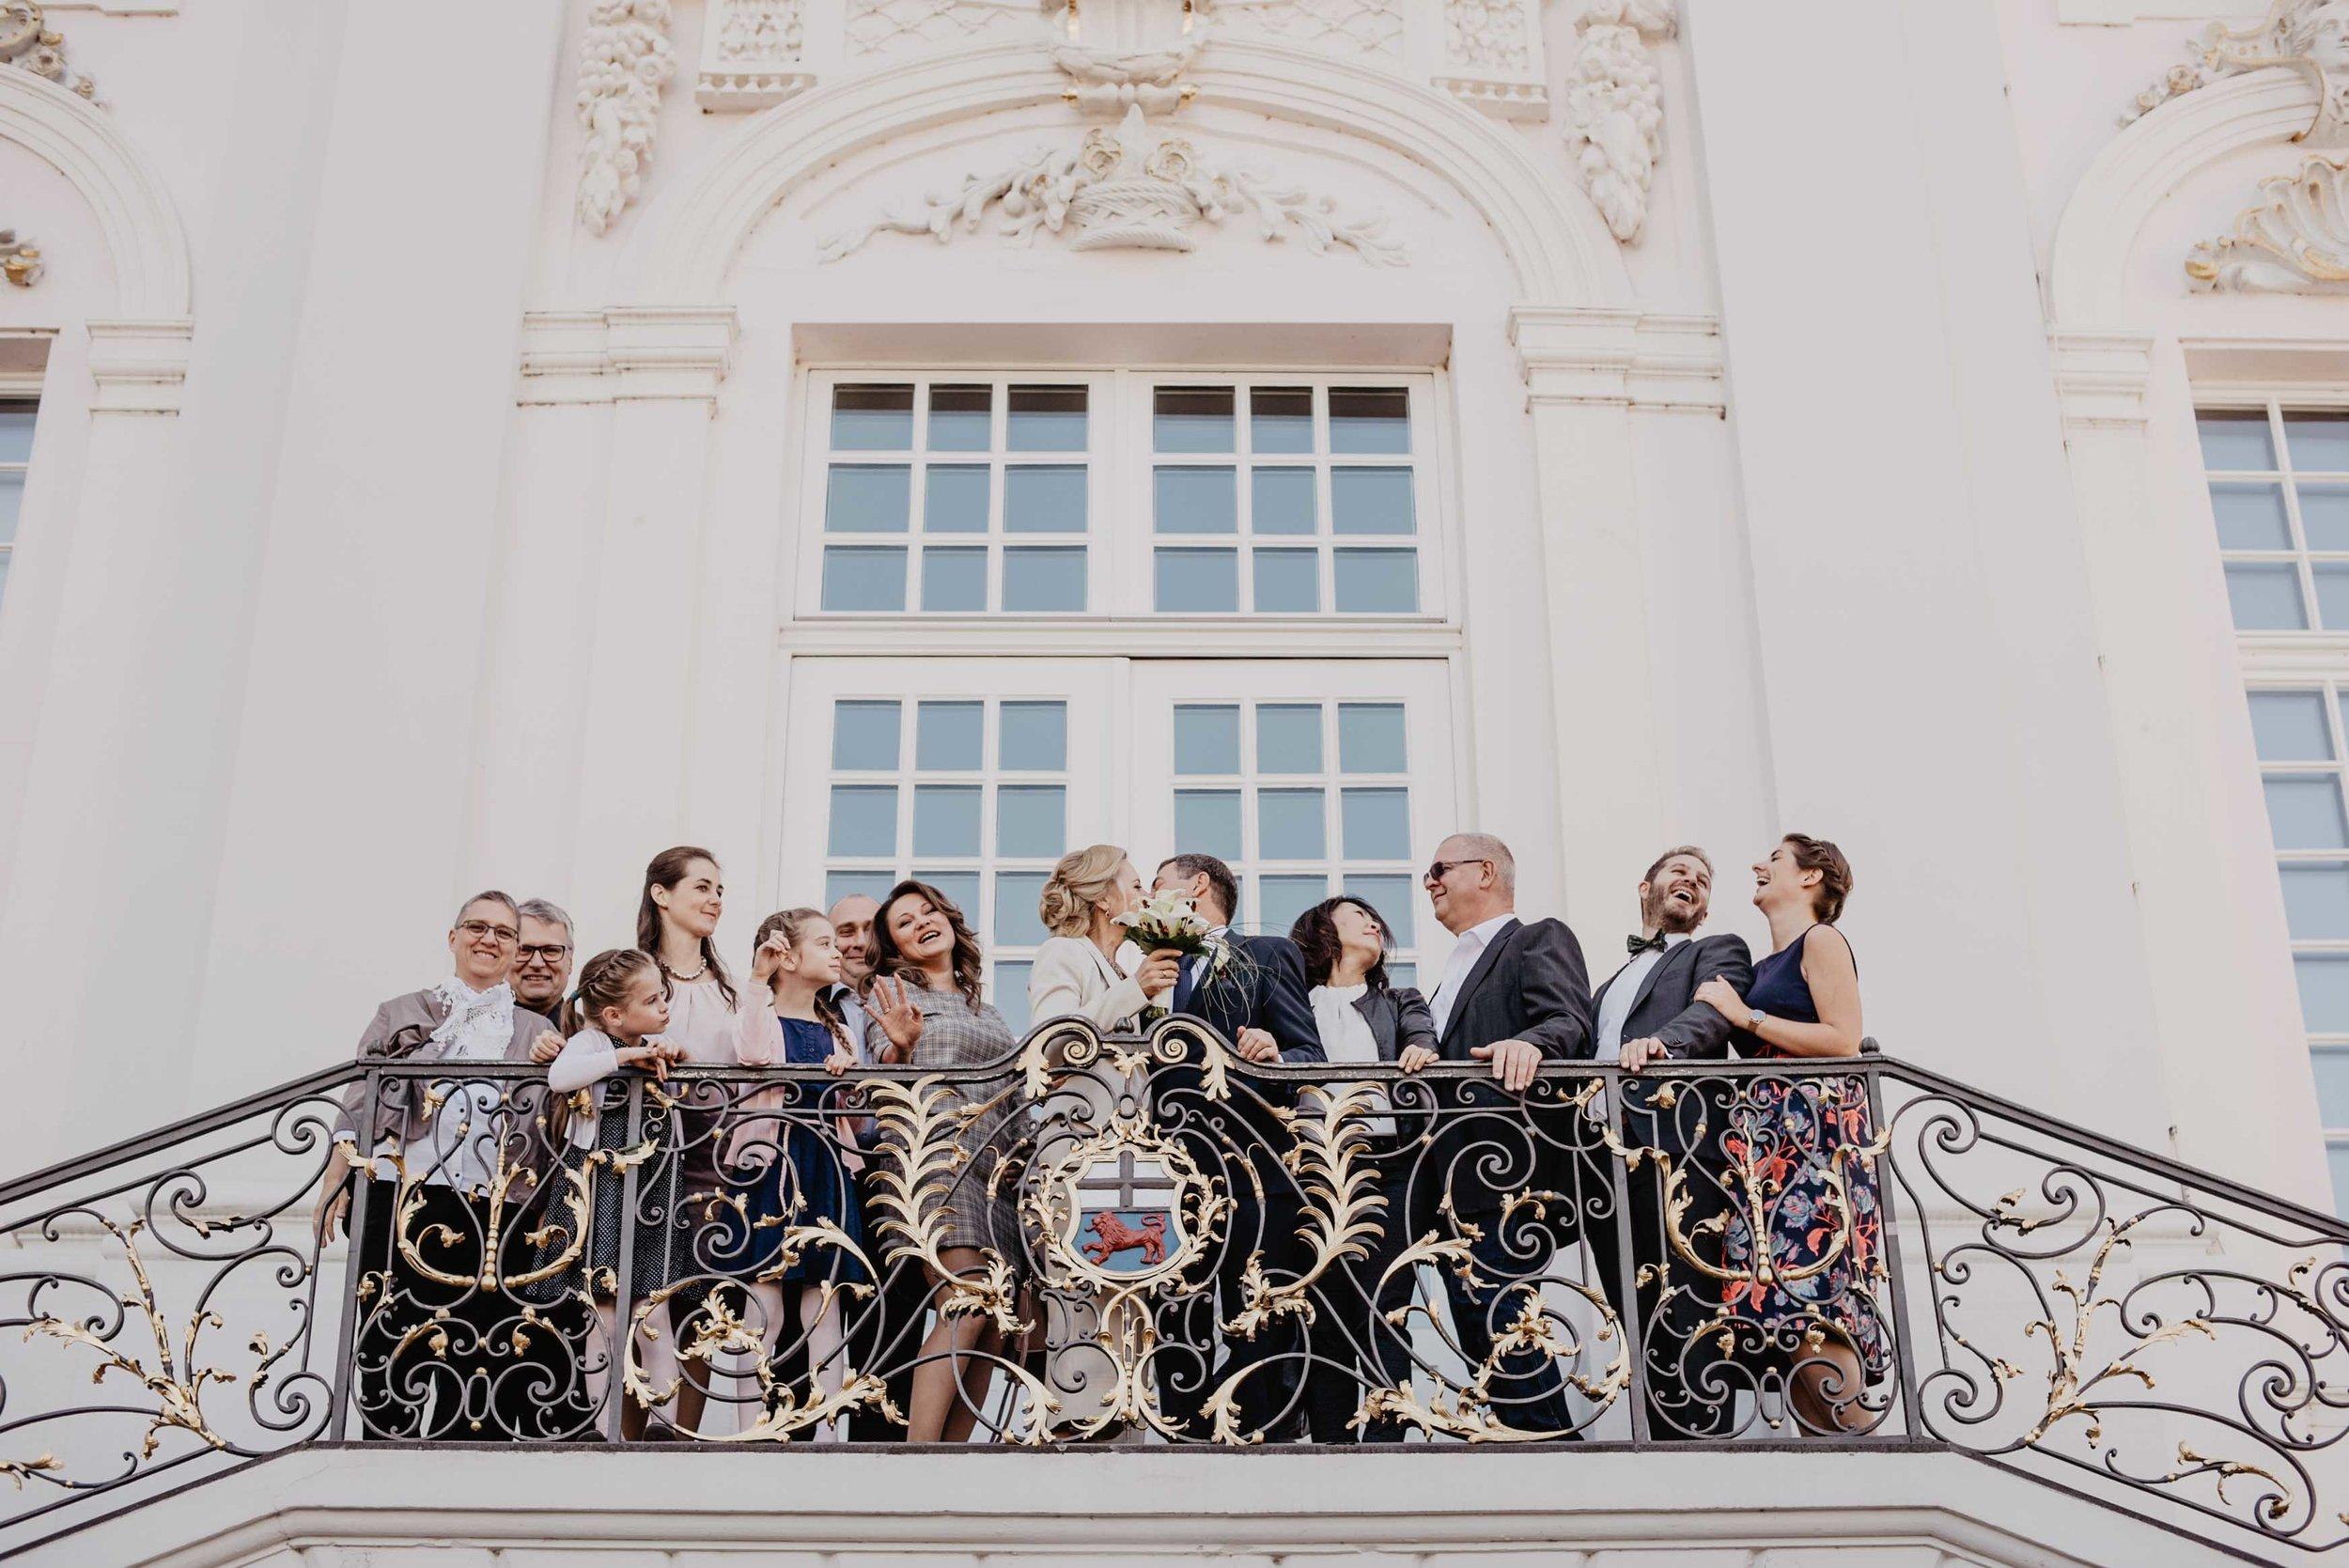 Hochzeit Standesamt Bonn by Lucy Wedding Photography-118.jpg